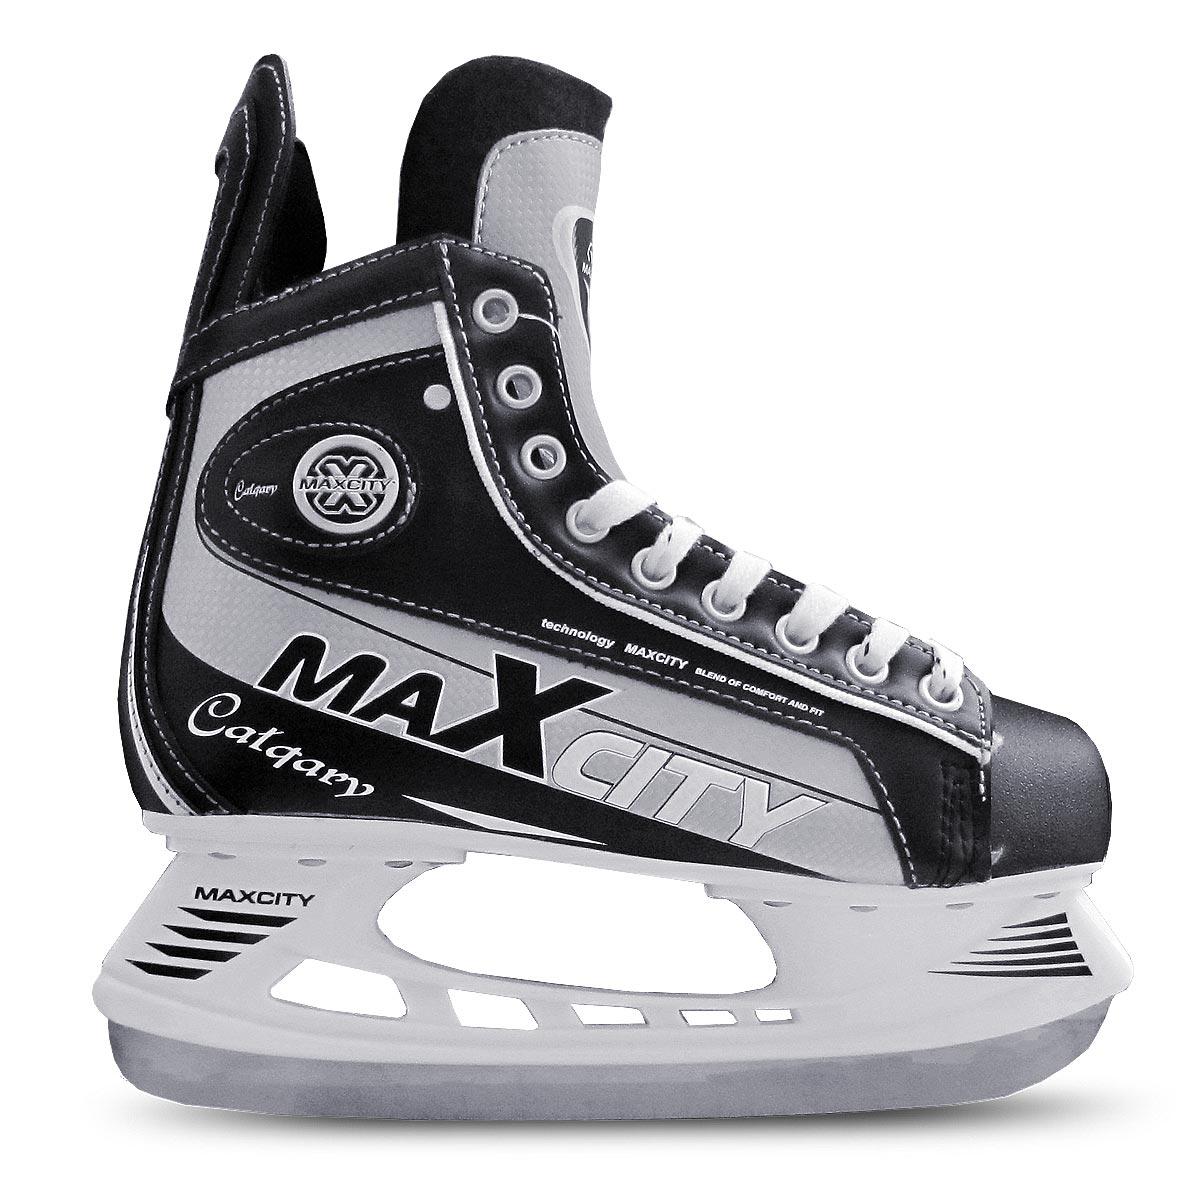 Коньки хоккейные мужские MaxCity Calgary, цвет: черный, серый. Размер 45